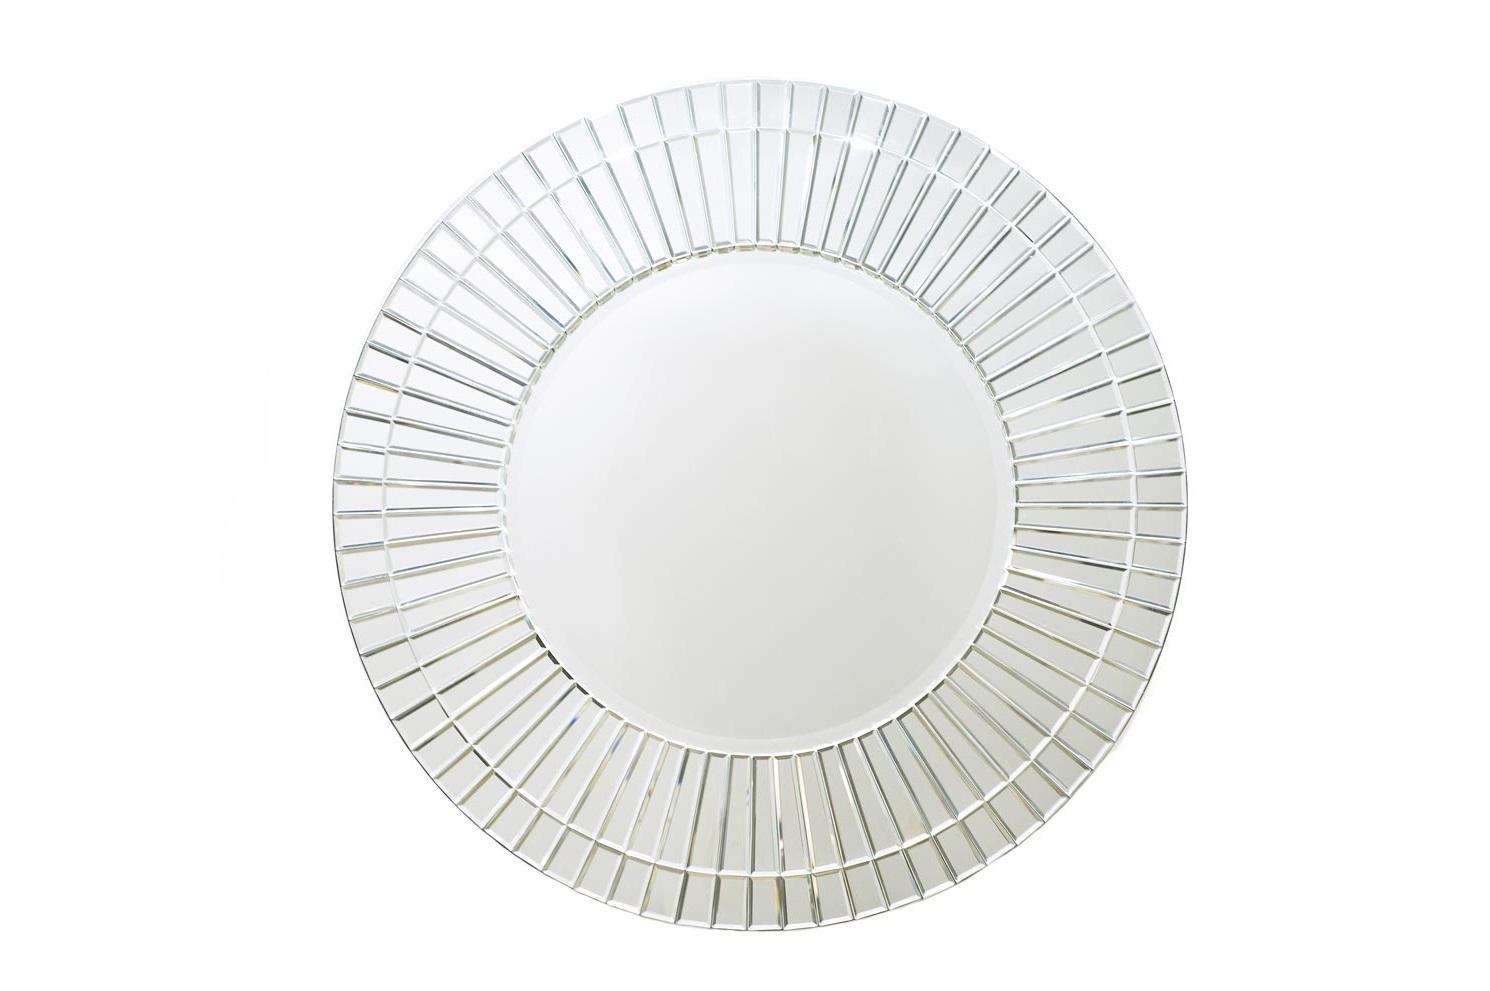 ЗеркалоНастенные зеркала<br>Овальное зеркало покорит вас блеском своей рамки из множества маленьких кусочков зеркального стекла. Отличная модель для ванной или будуара в американском стиле а-ля Тиффани.<br><br>kit: None<br>gender: None